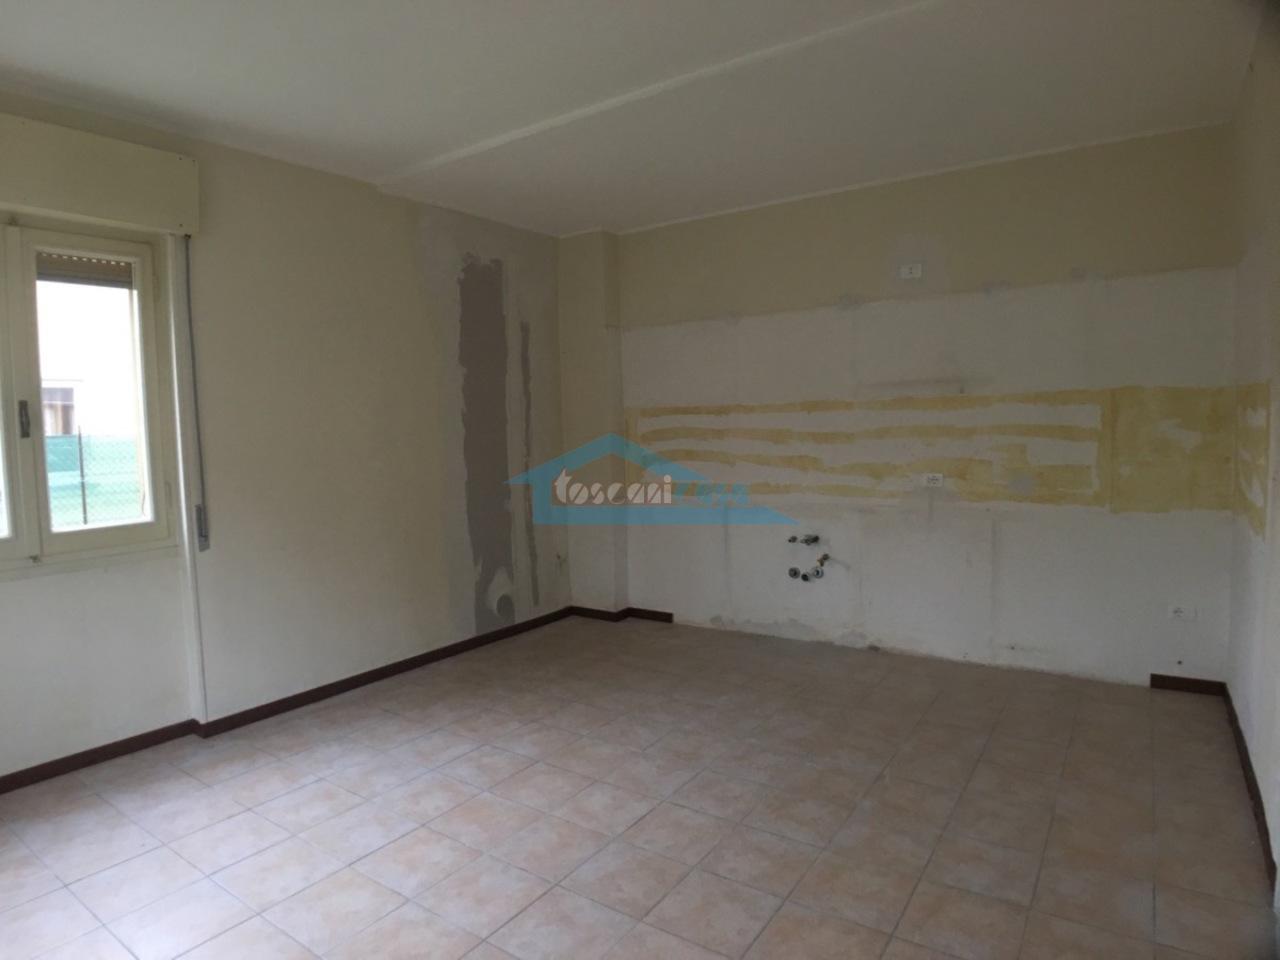 Cucina abitabile Appartamento  a Adro